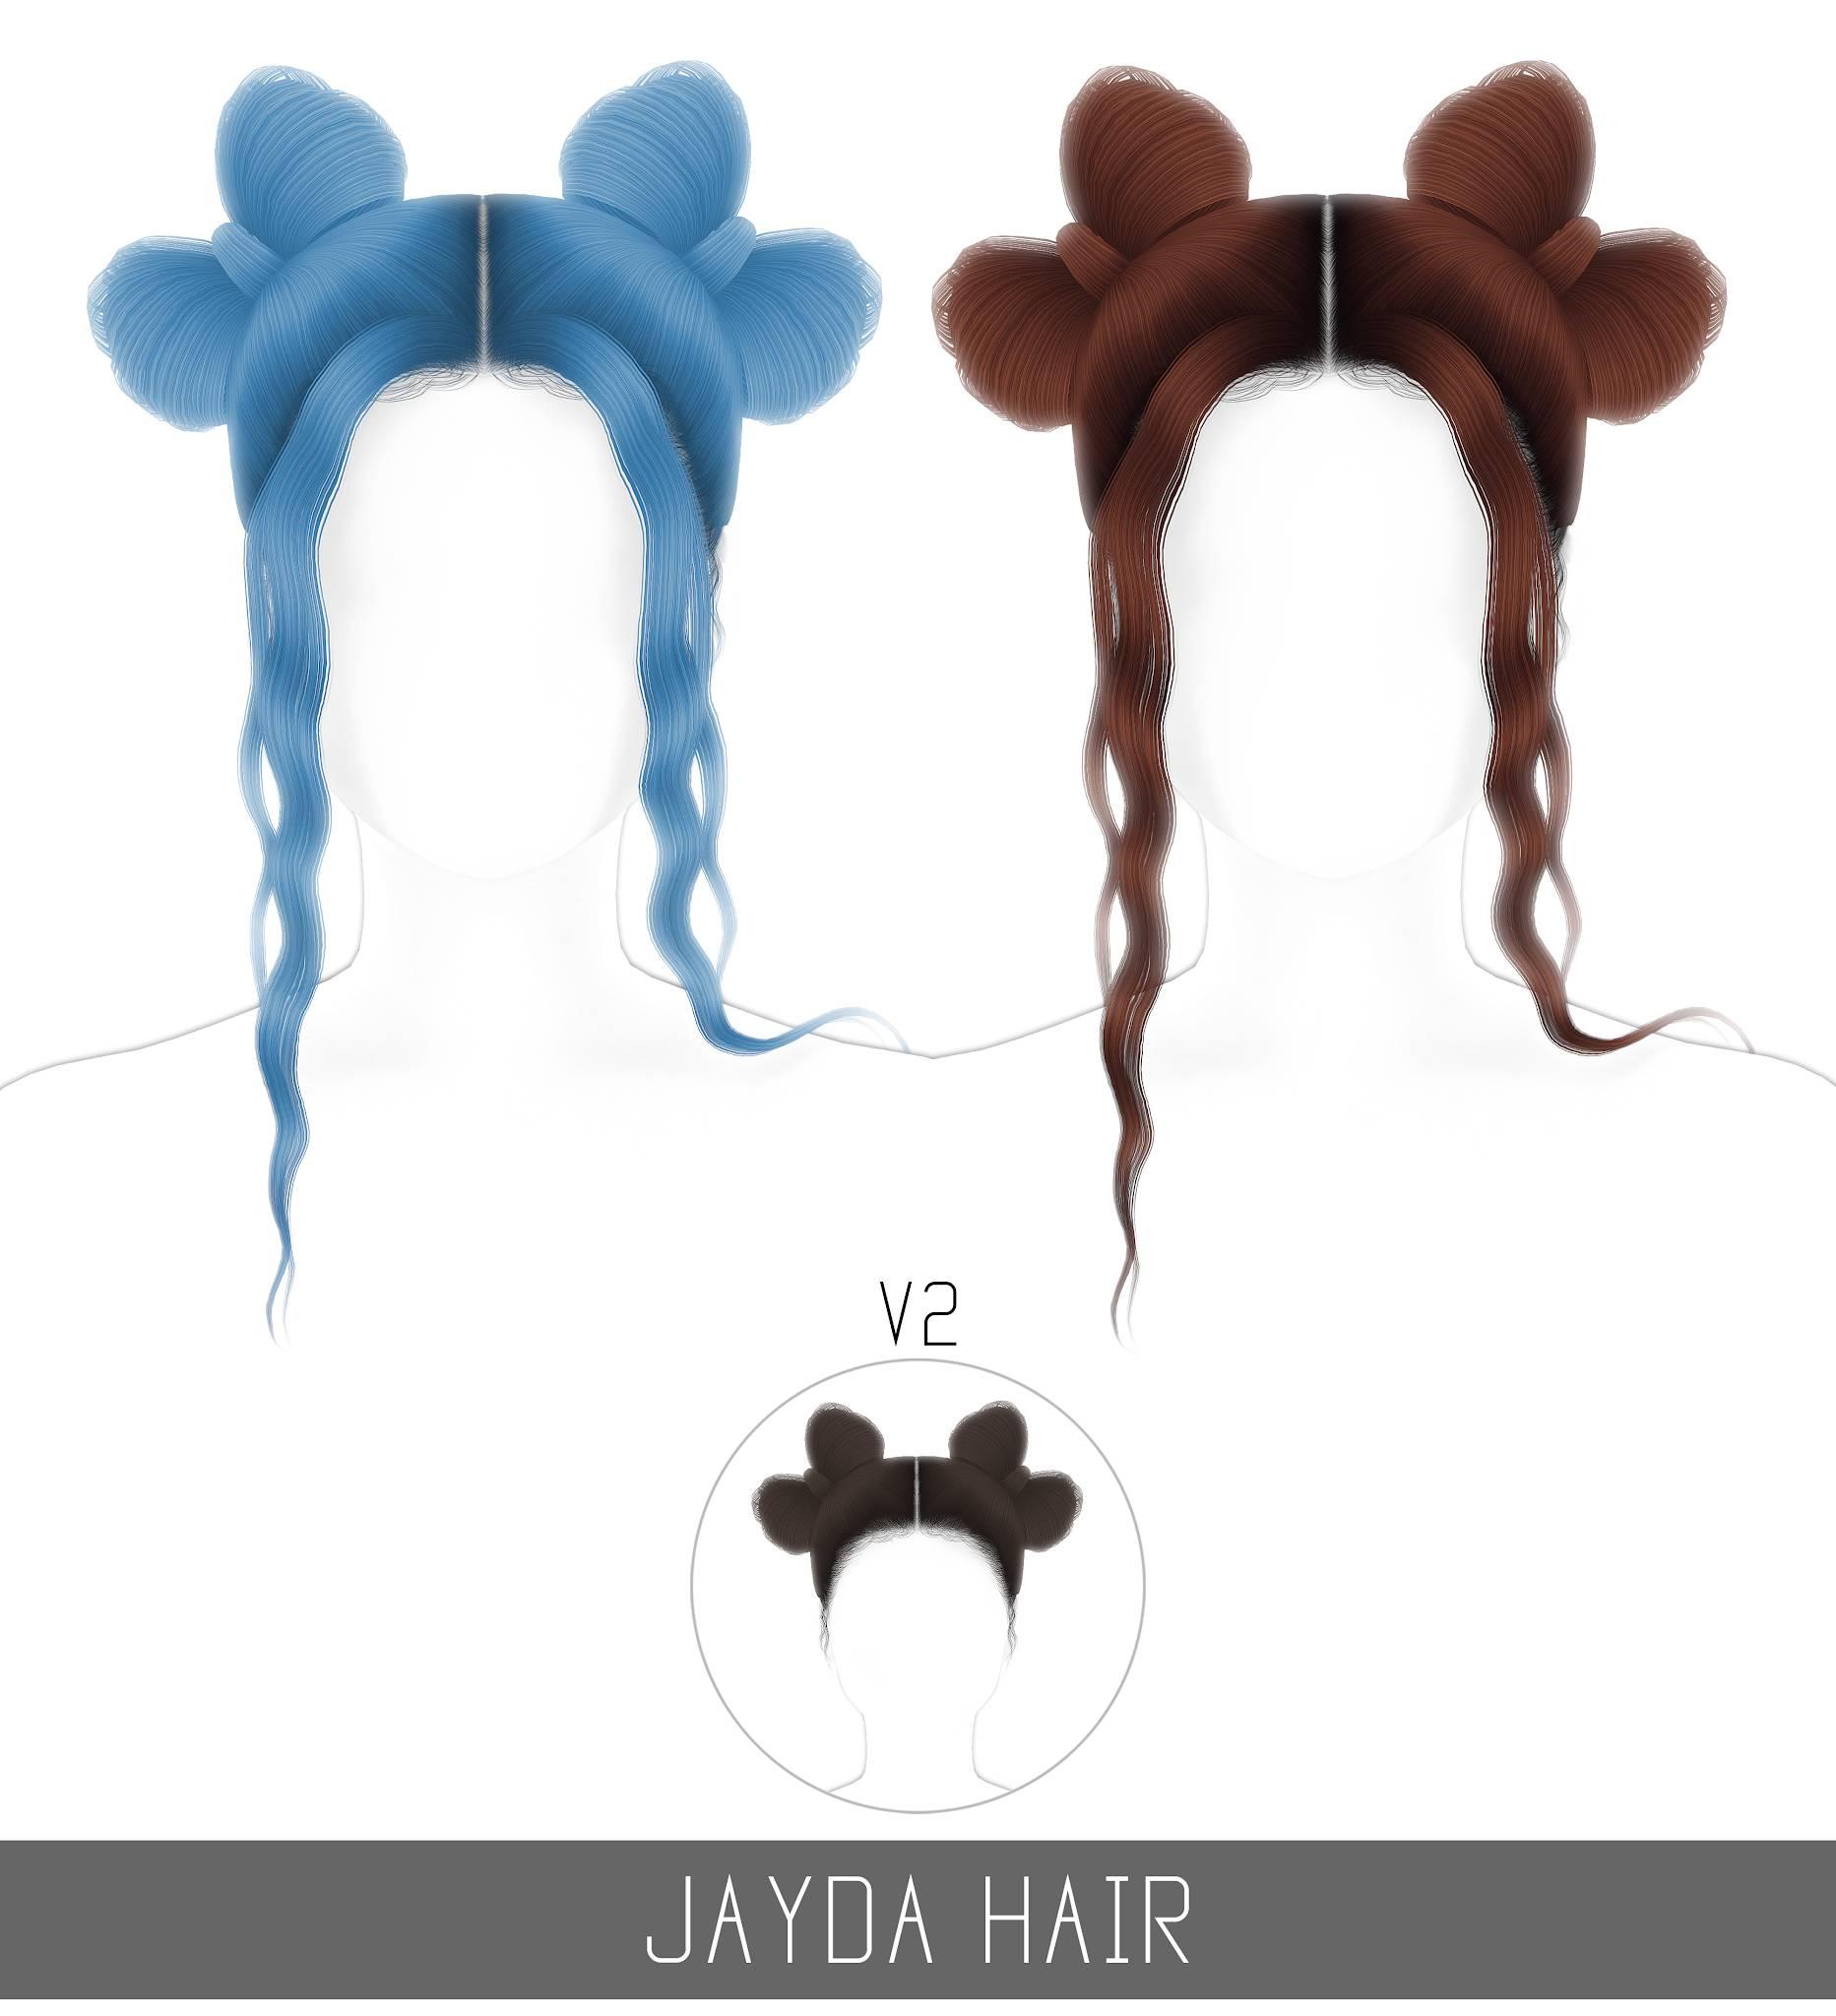 Женская прическа - JAYDA HAIR